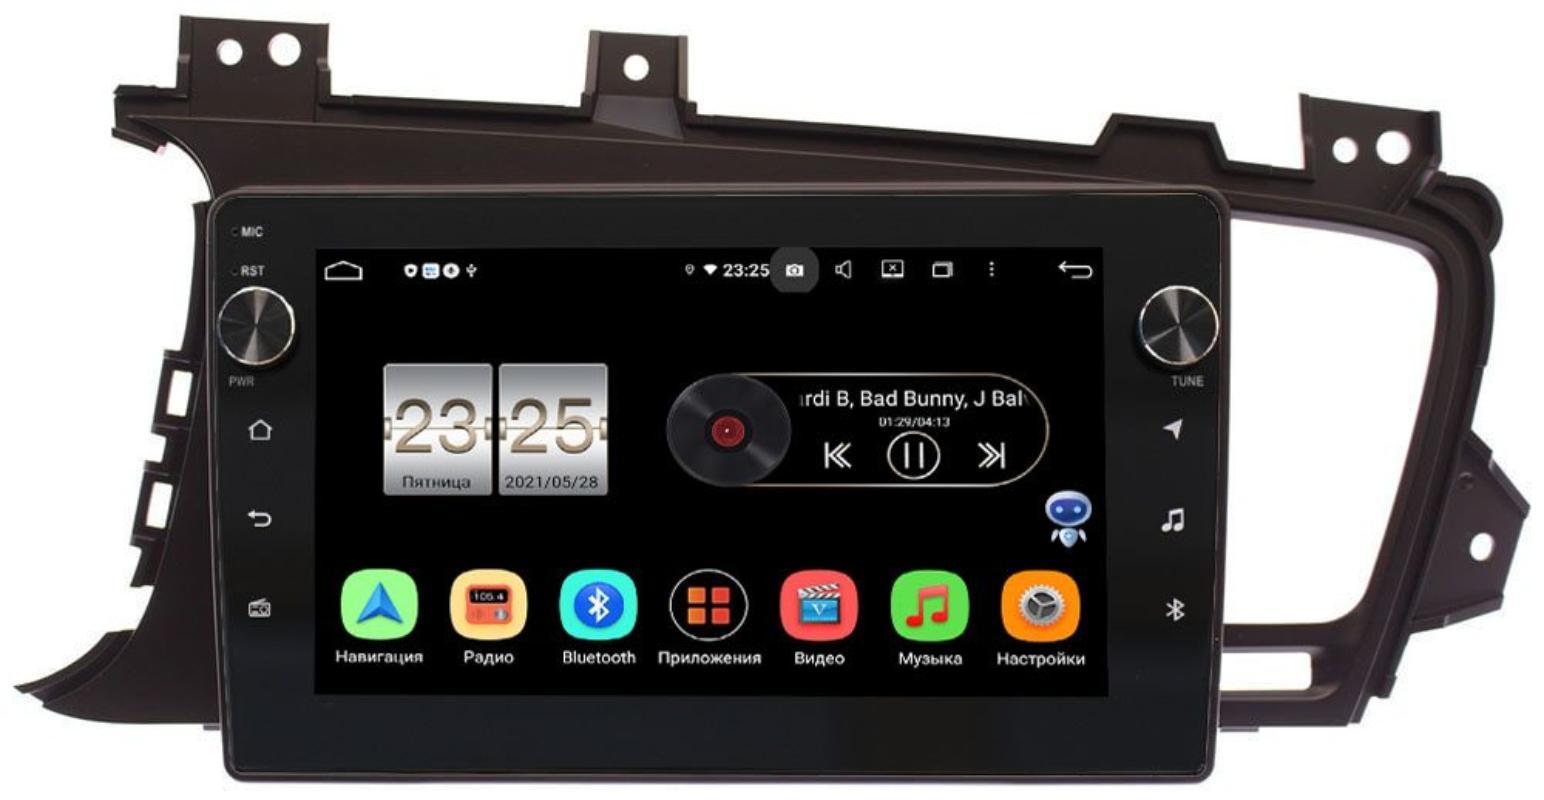 Штатная магнитола LeTrun BPX609-9015 для Kia Optima III 2010-2013 на Android 10 (4/64, DSP, IPS, с голосовым ассистентом, с крутилками) для авто без камеры (+ Камера заднего вида в подарок!)